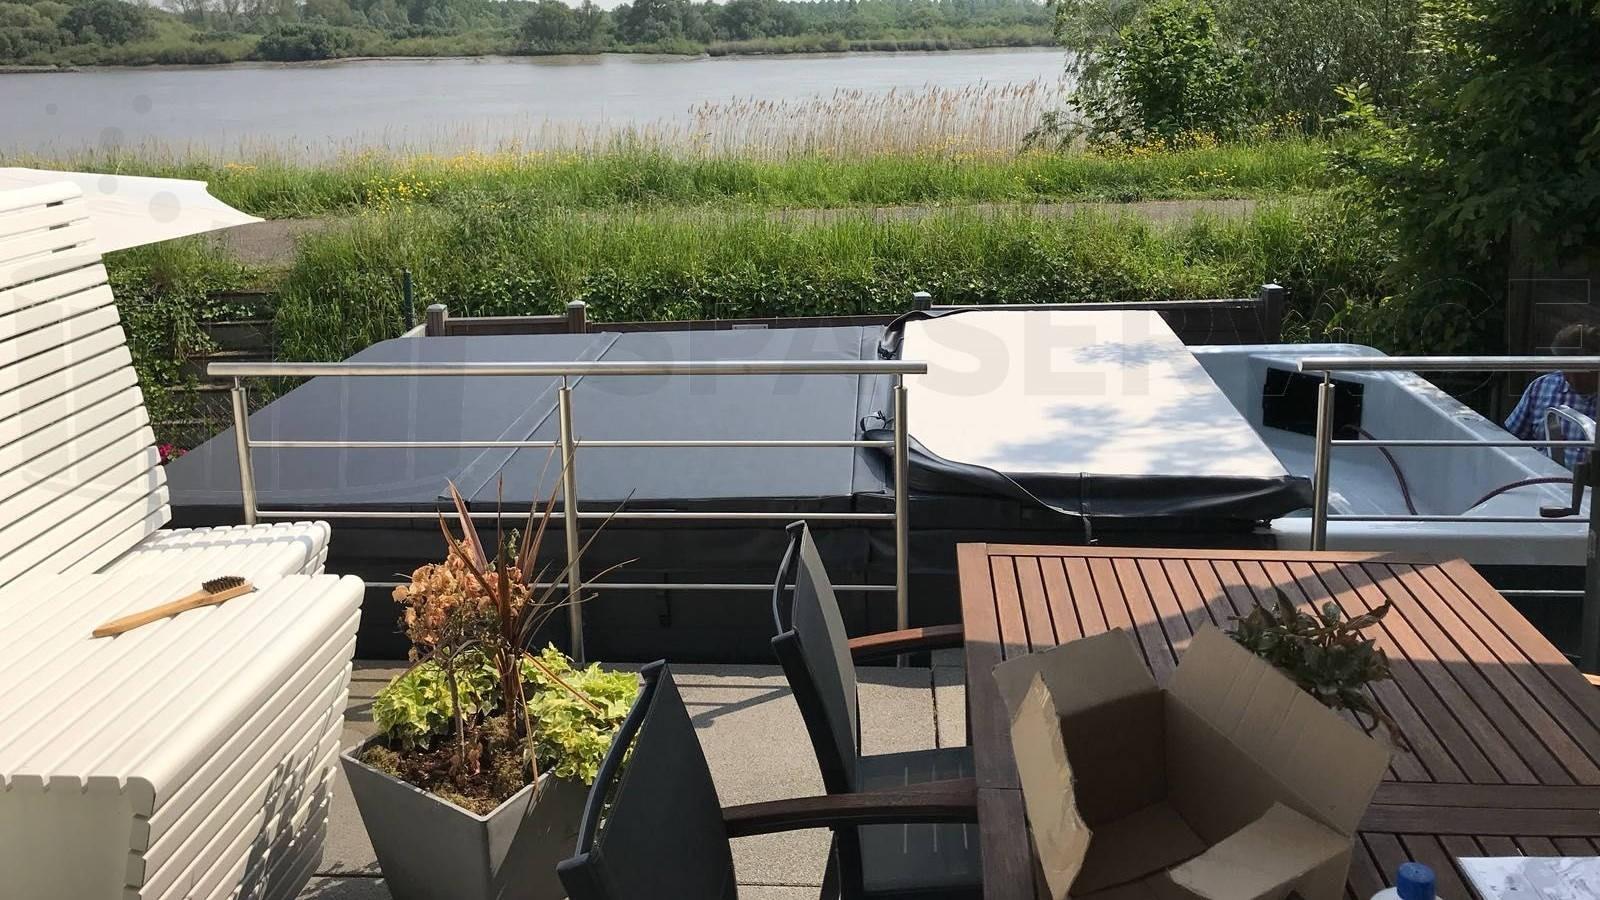 Plaatsing Allseas Exercise Pool 46 zwemspa in Steendorp België